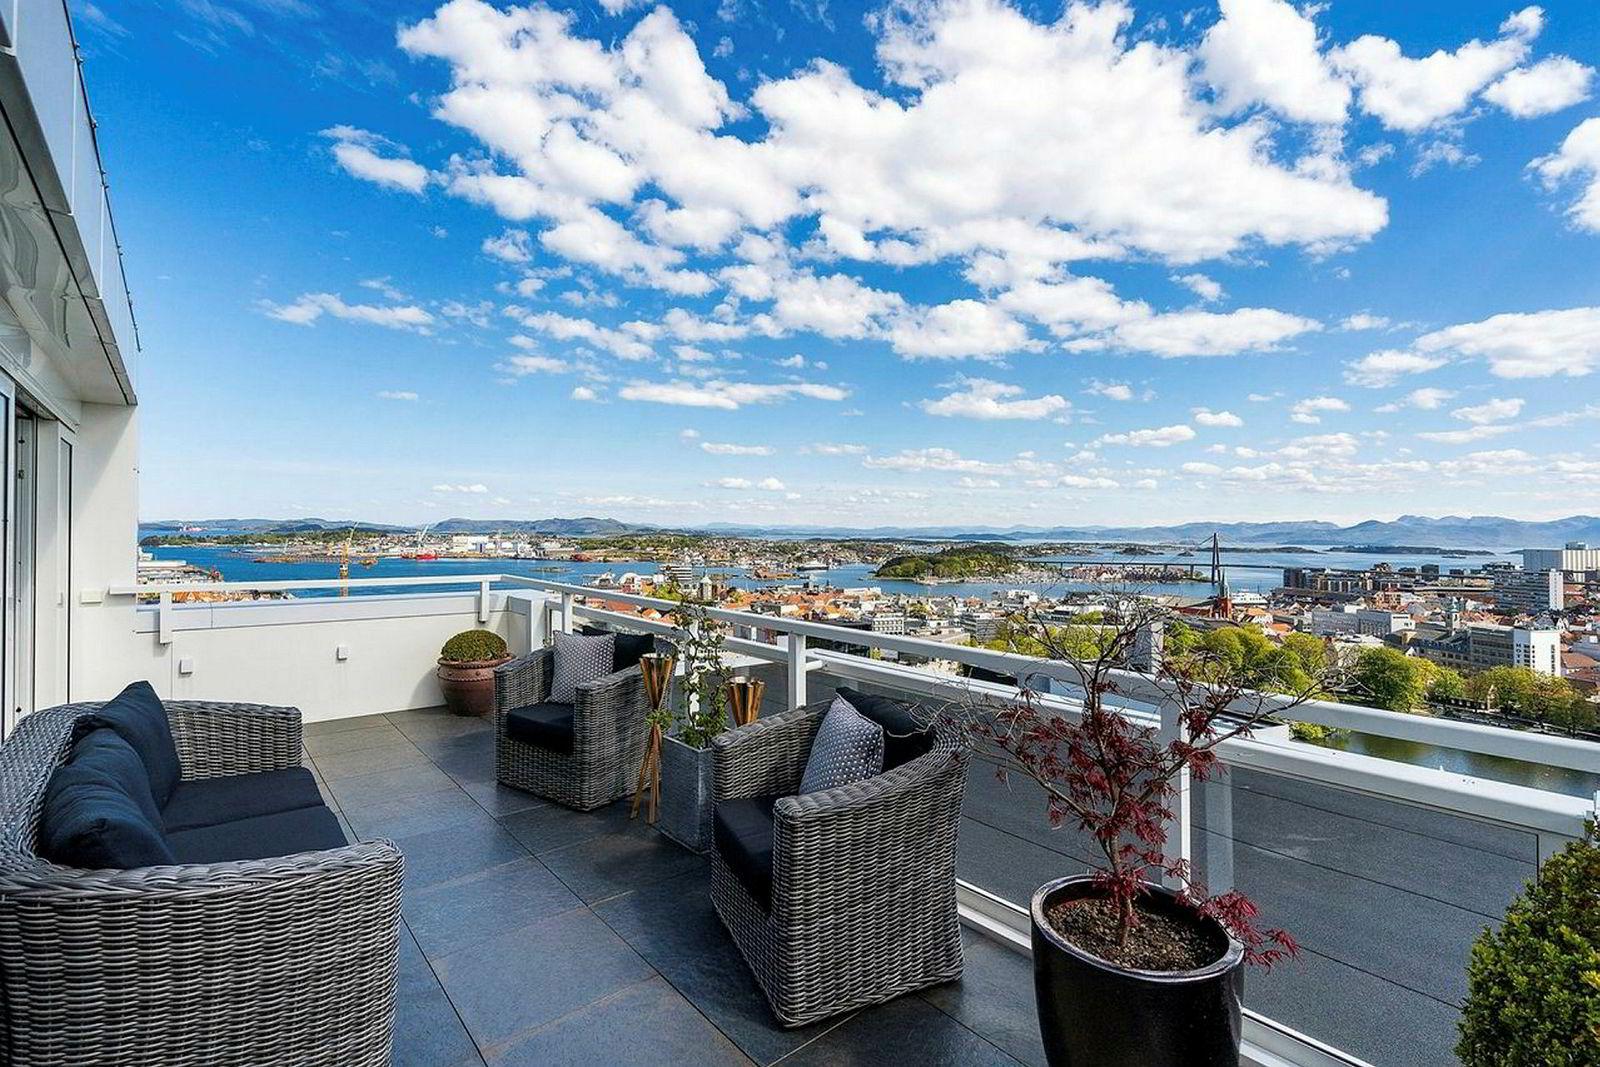 Den for tiden dyreste leiligheten i Stavanger er en toppleilighet på 167 kvadratmeter.